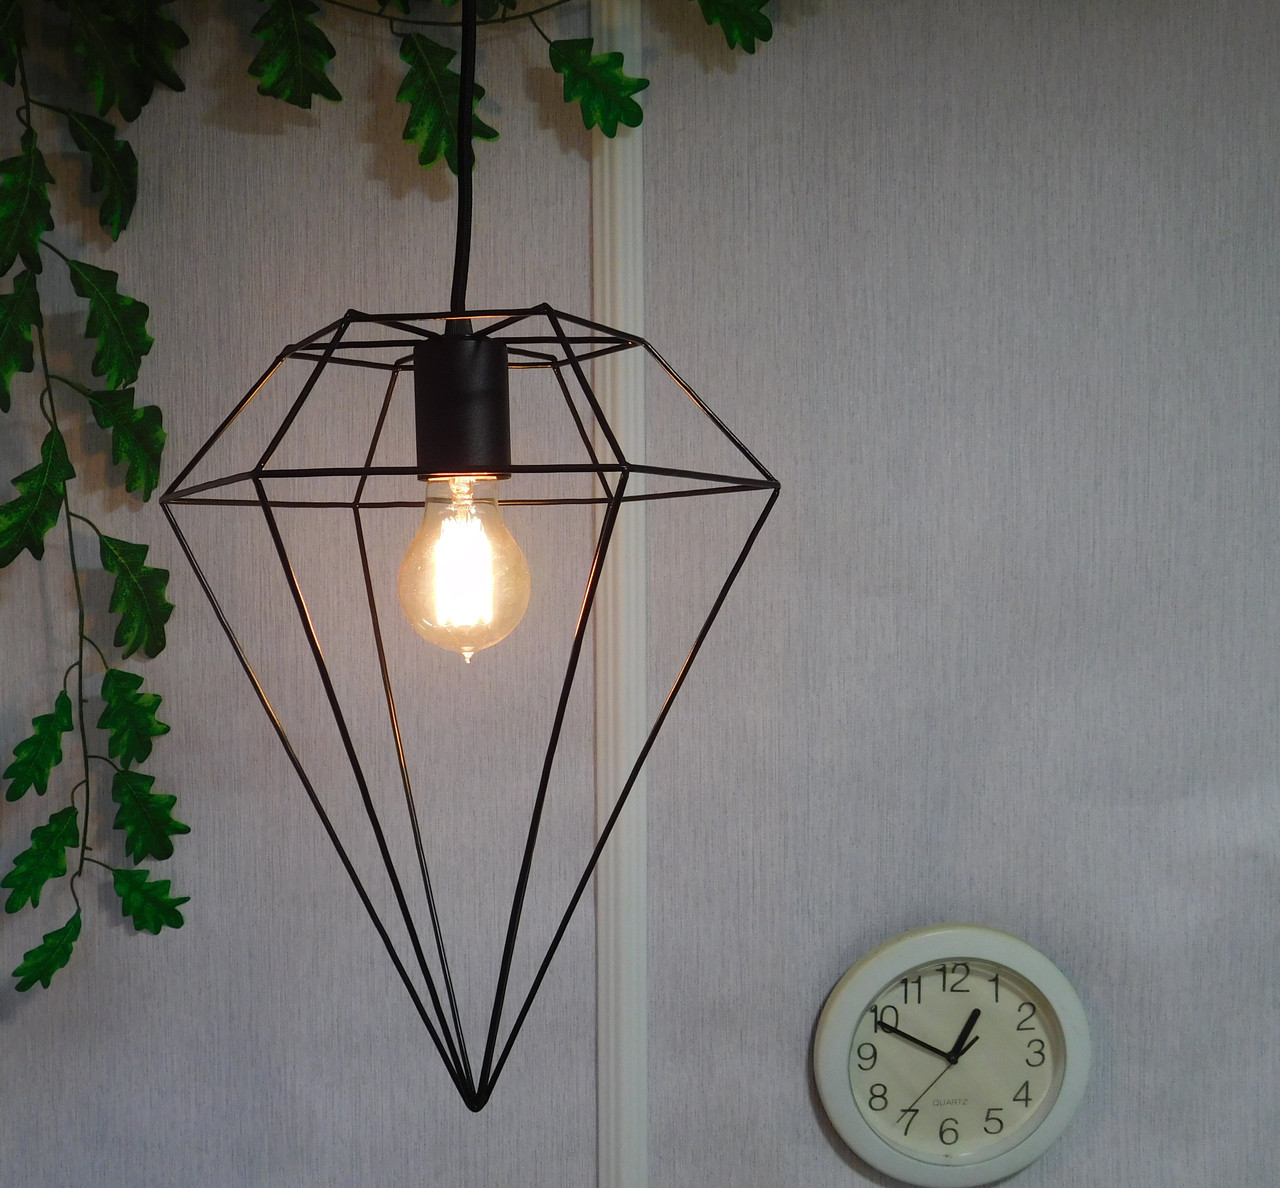 Подвесной металлический светильник, черный цвет AR-004764